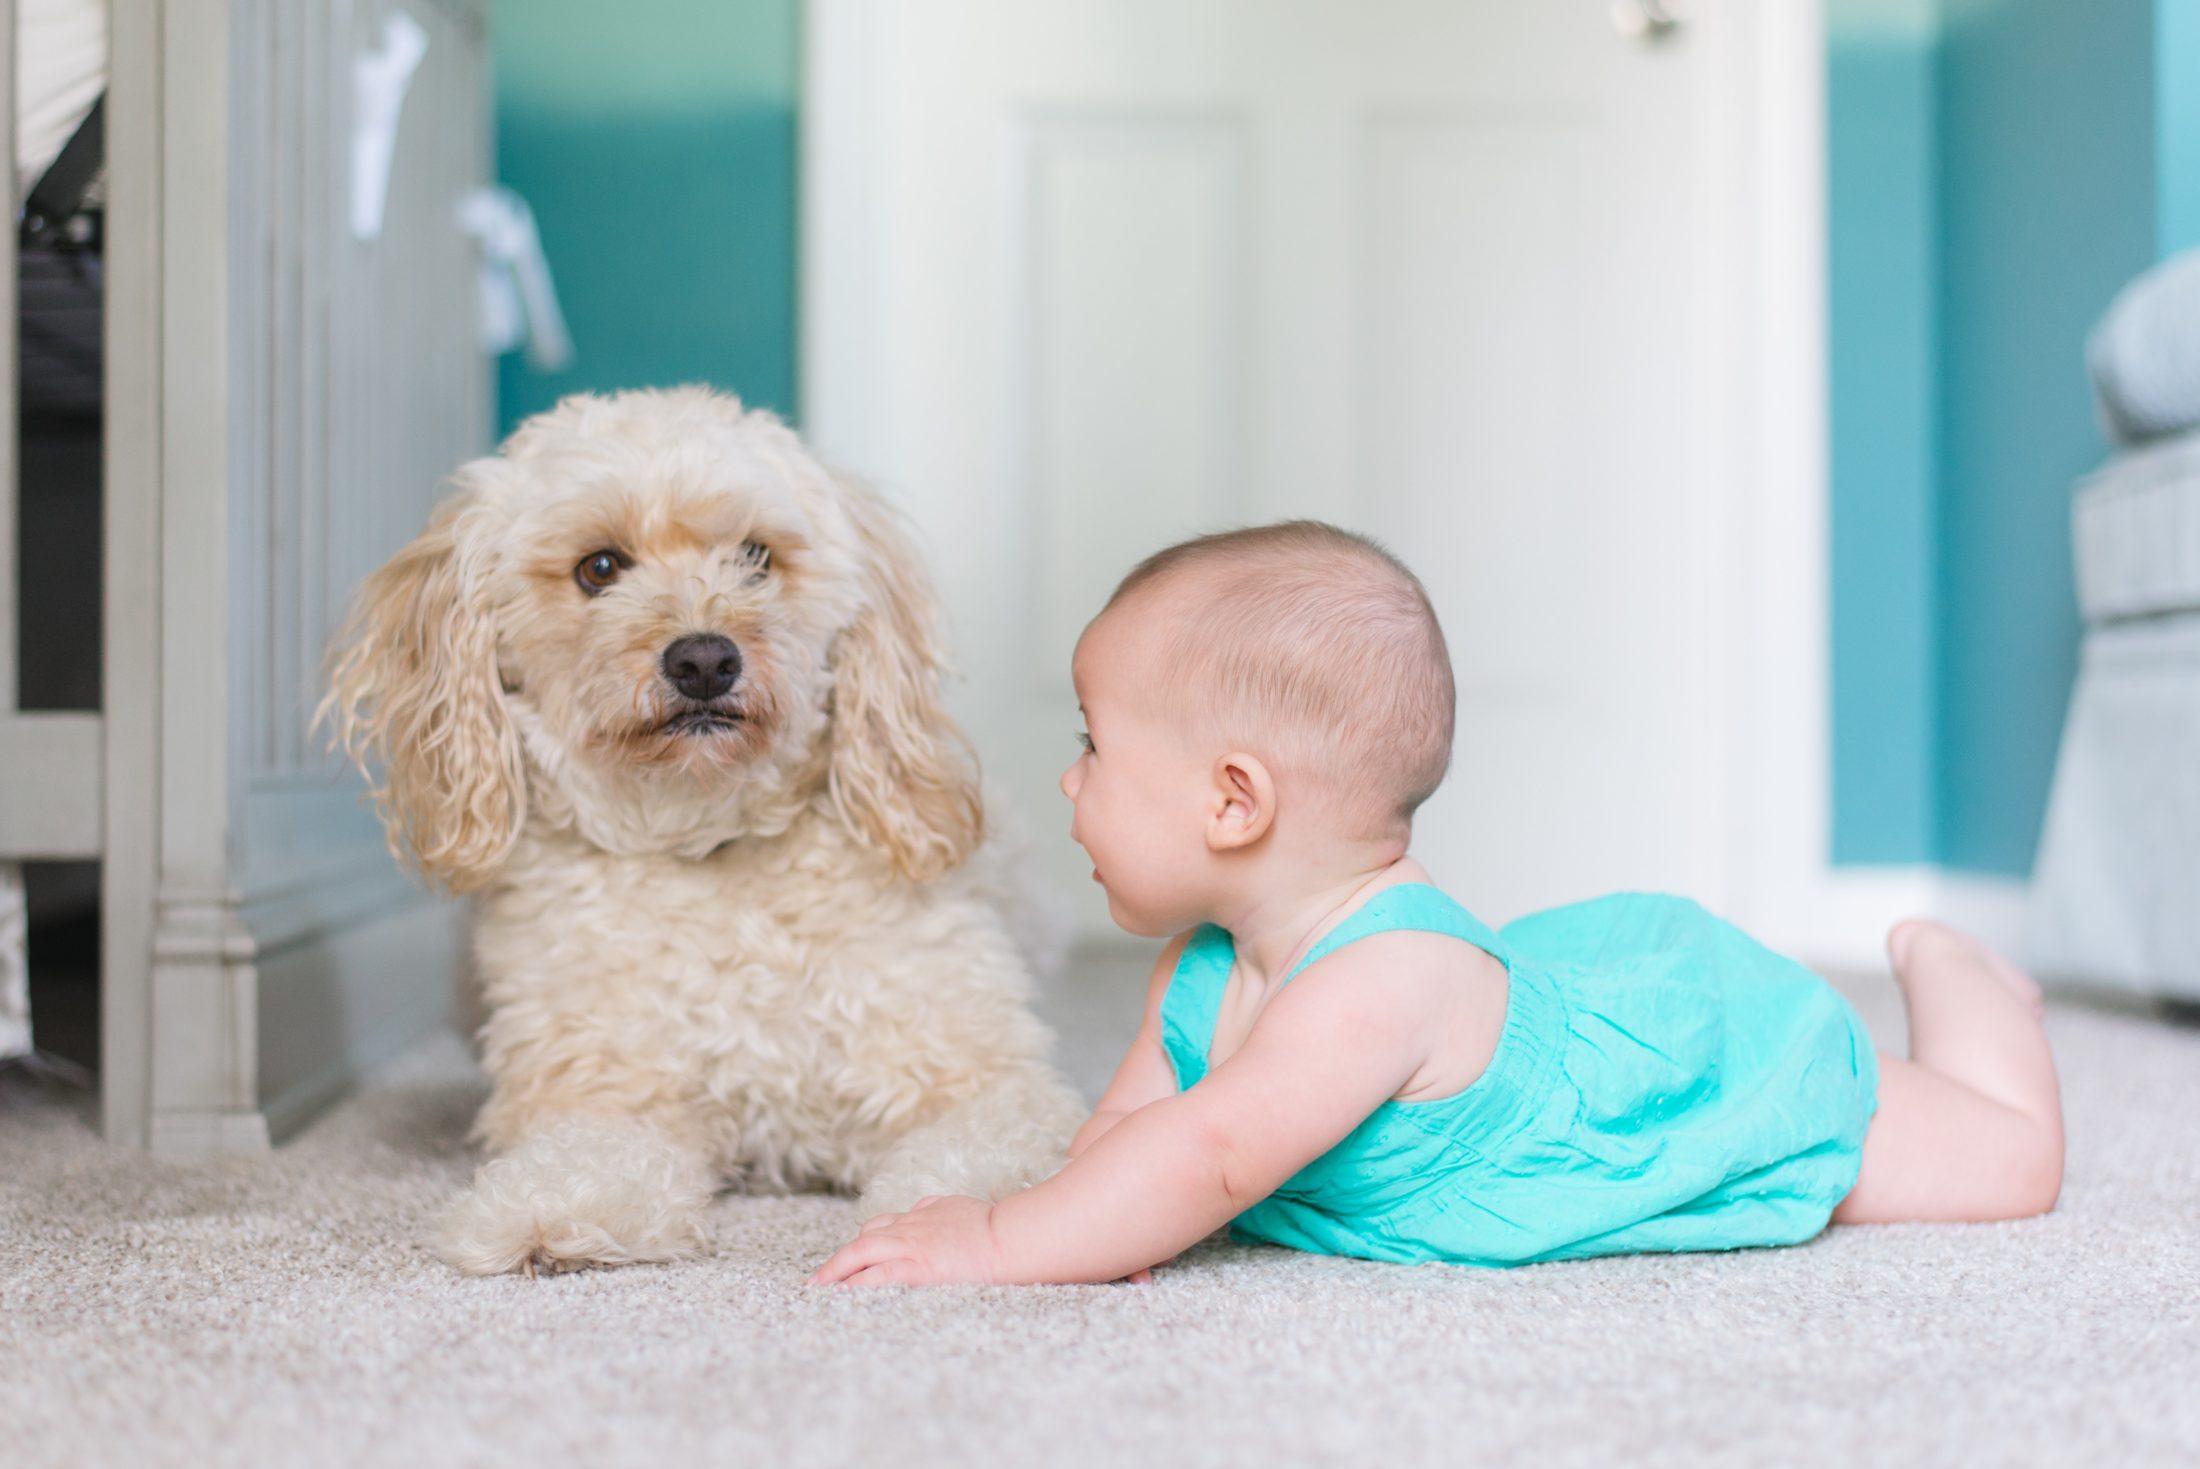 cachorro e beb6e juntos no chão